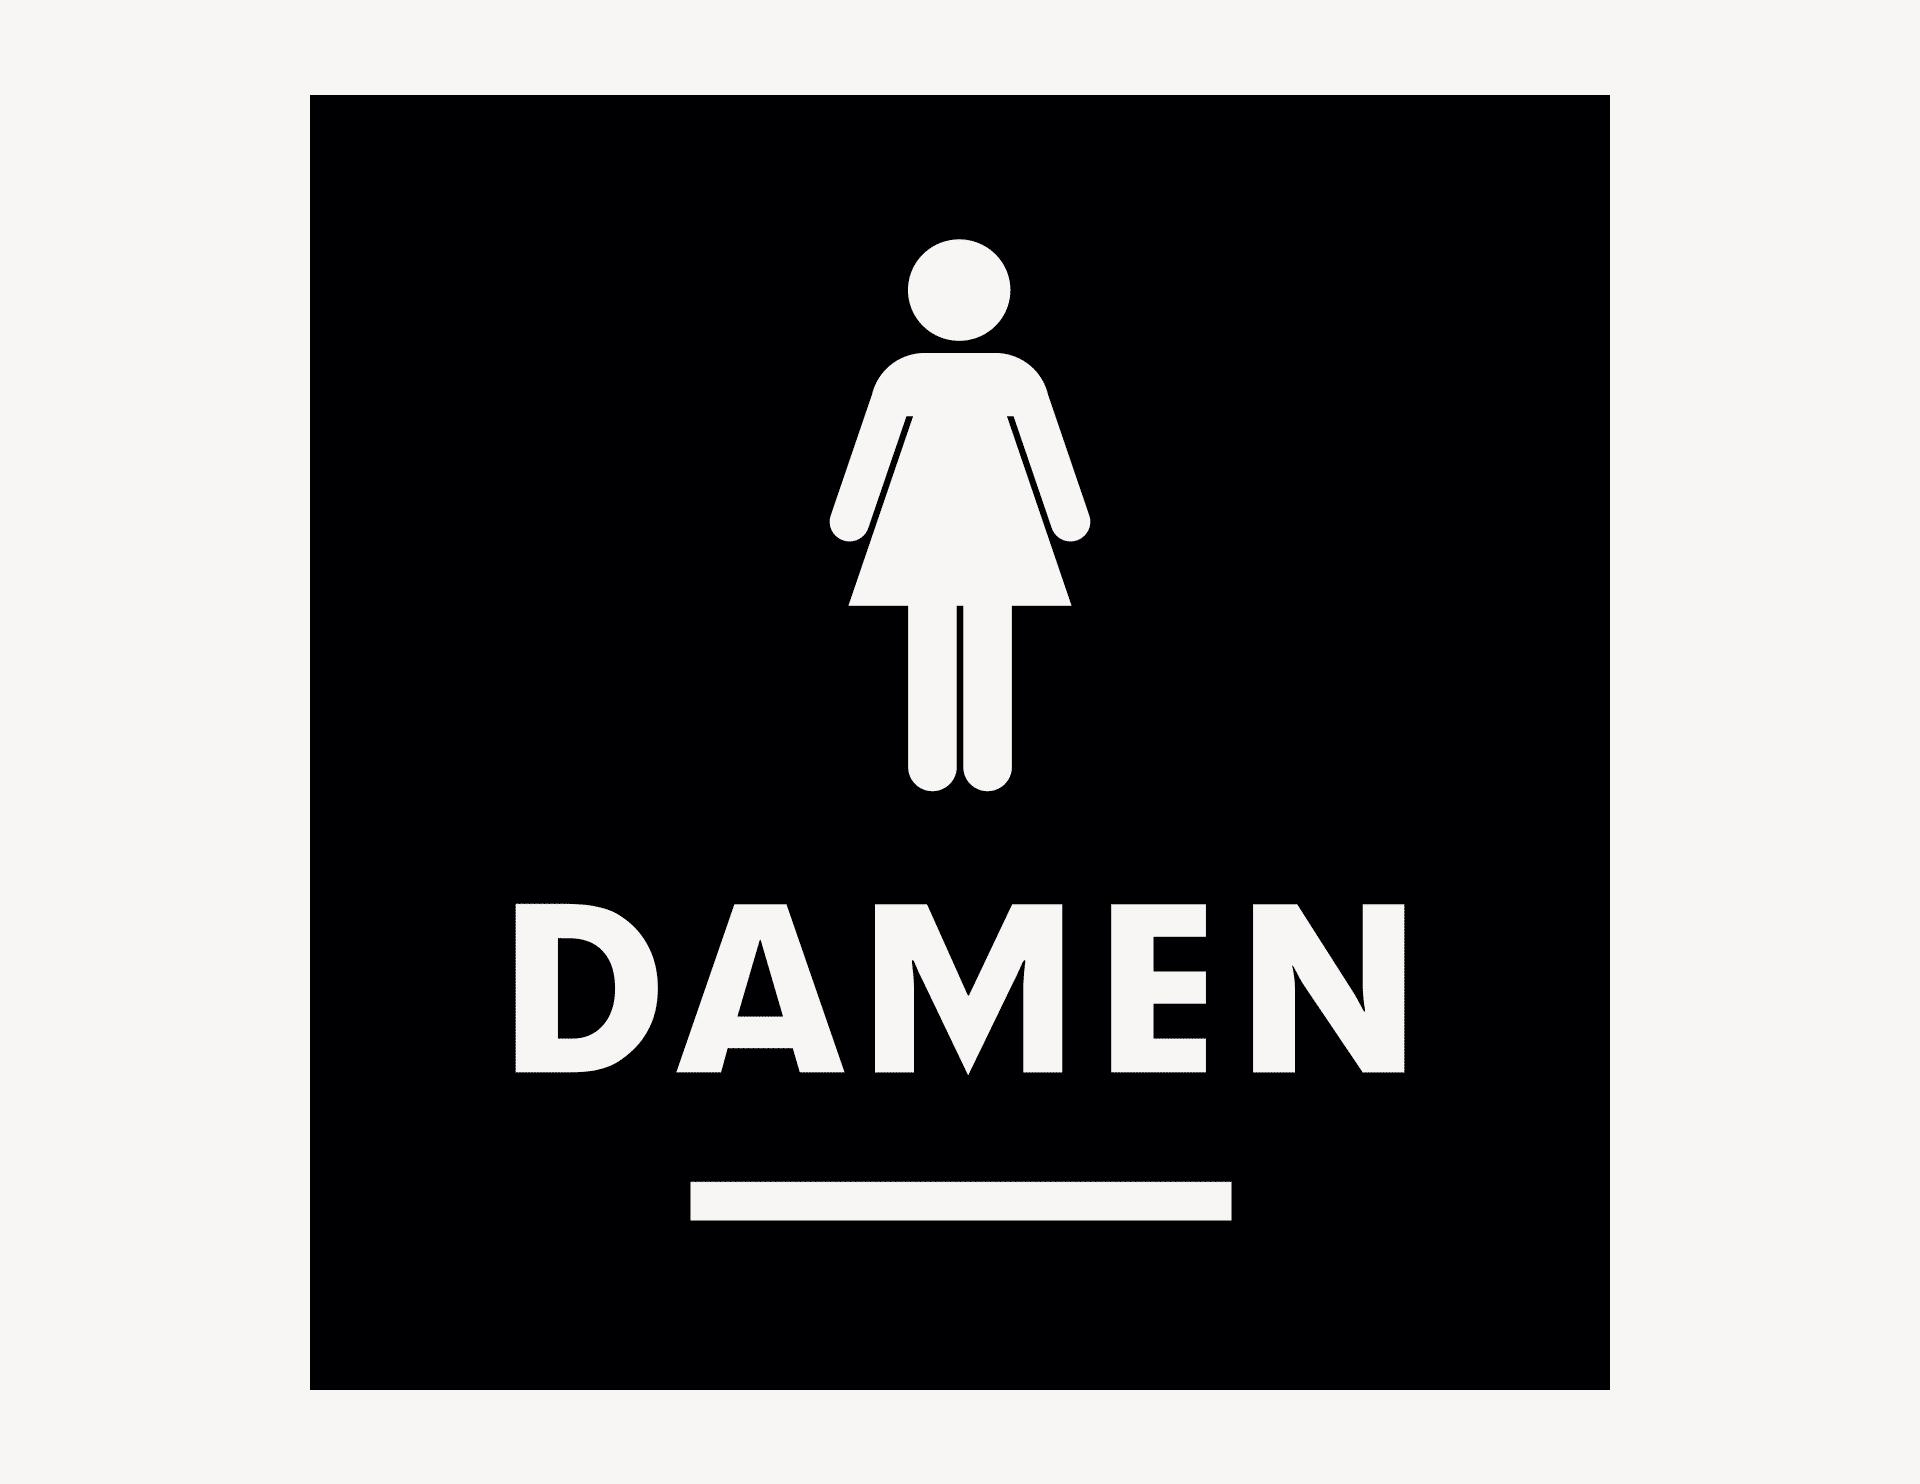 WC Damen #1 - Aufkleber für Gewerbe